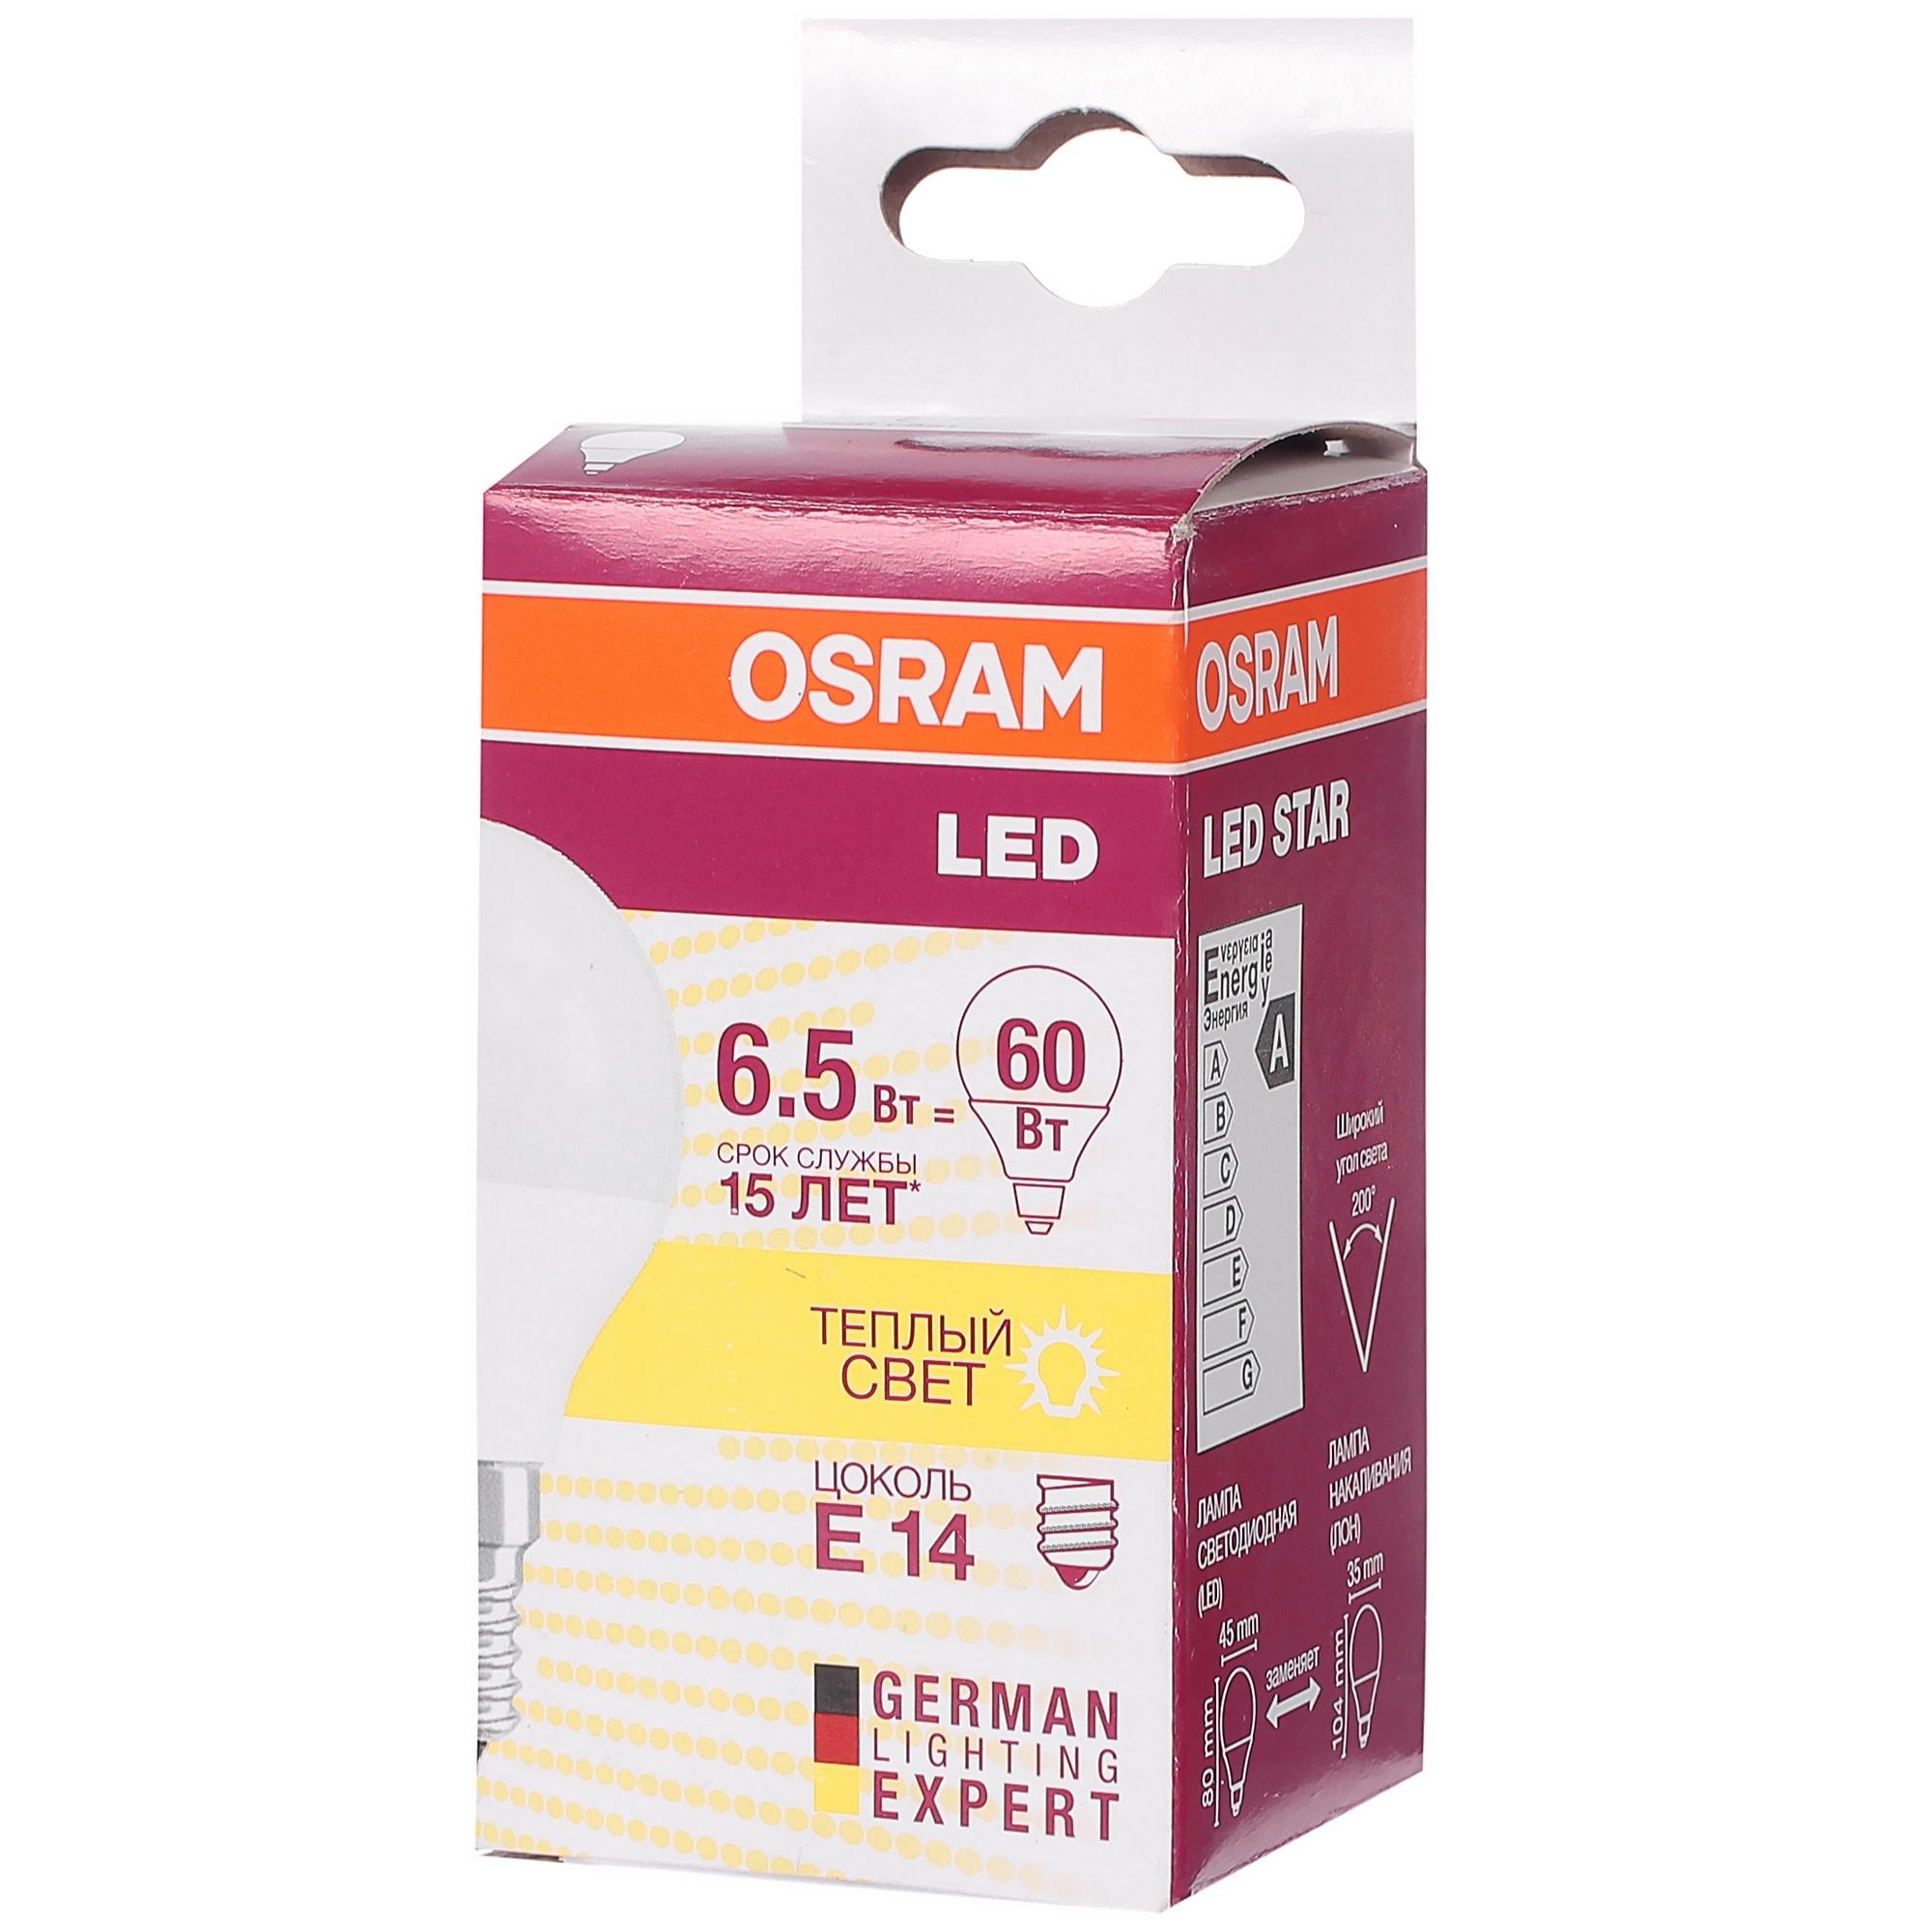 Лампа светодиодная Osram «Шар» E14 6.5 Вт 550 Лм свет тёплый белый